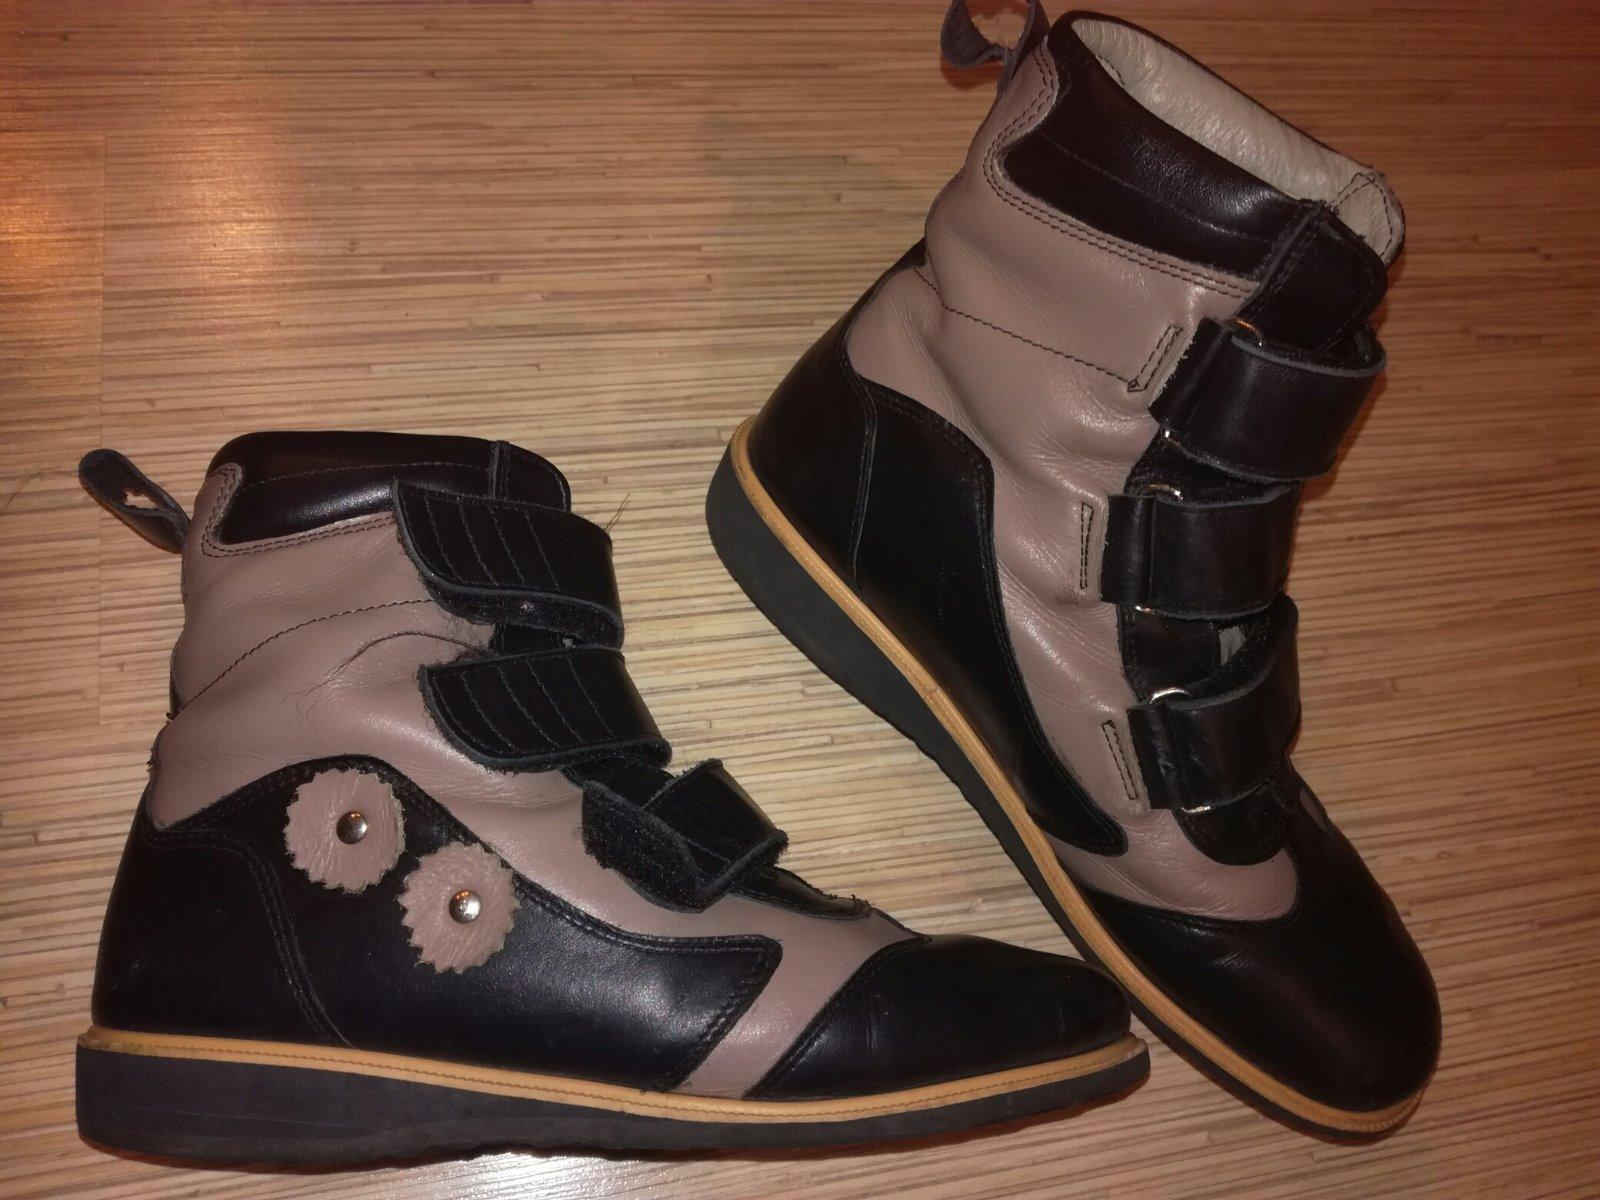 782ebb7fc360c Kožené prechodné ortopedické topánky,veľ.35/22,5cm, protetika,35 - 14,50 €  od predávajúcej happygirl   Detský bazár   ModryKonik.sk